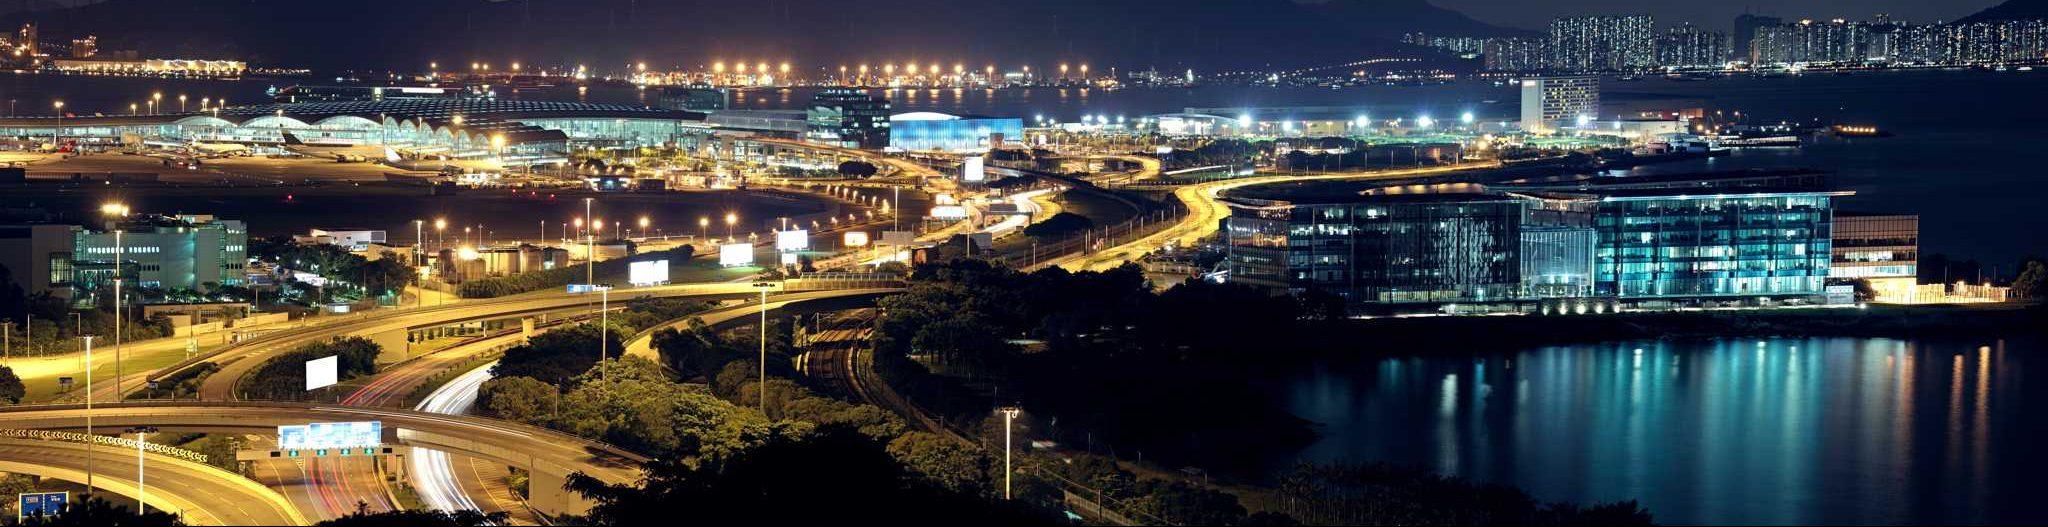 nachtbeleuchtung-autobahn-flughafen-stadt